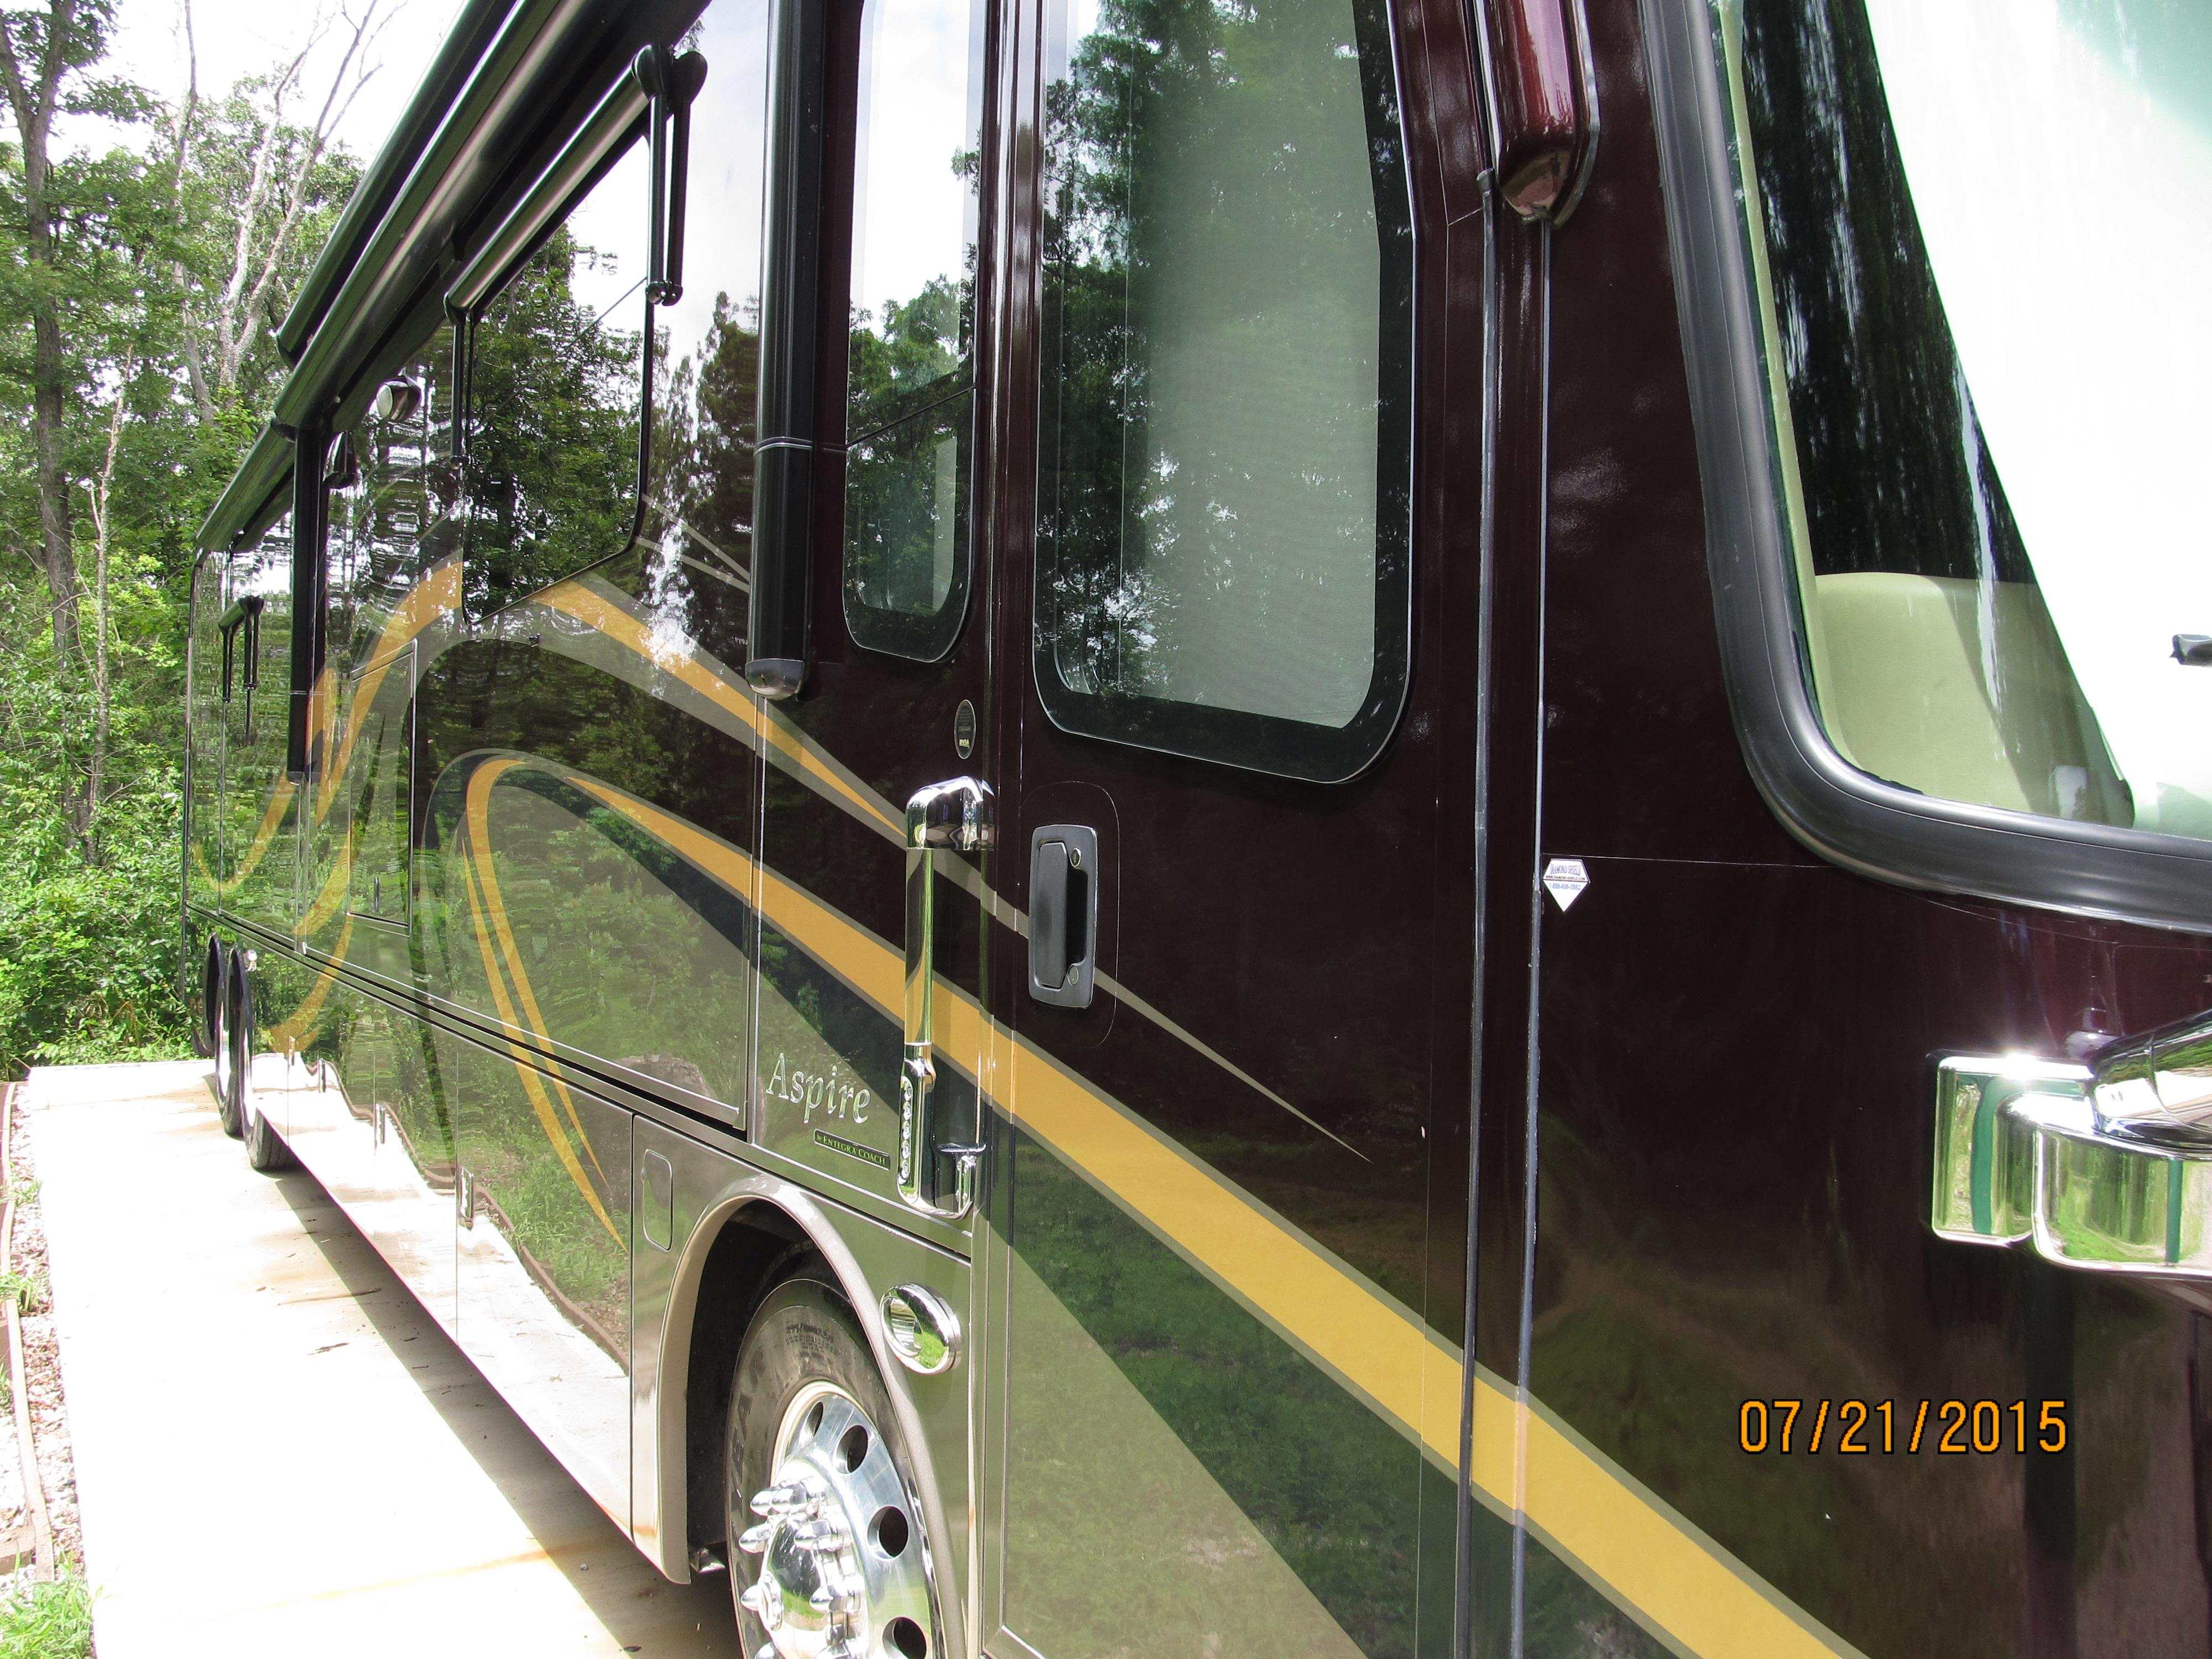 Super Sparkle Mobile Detailing image 5